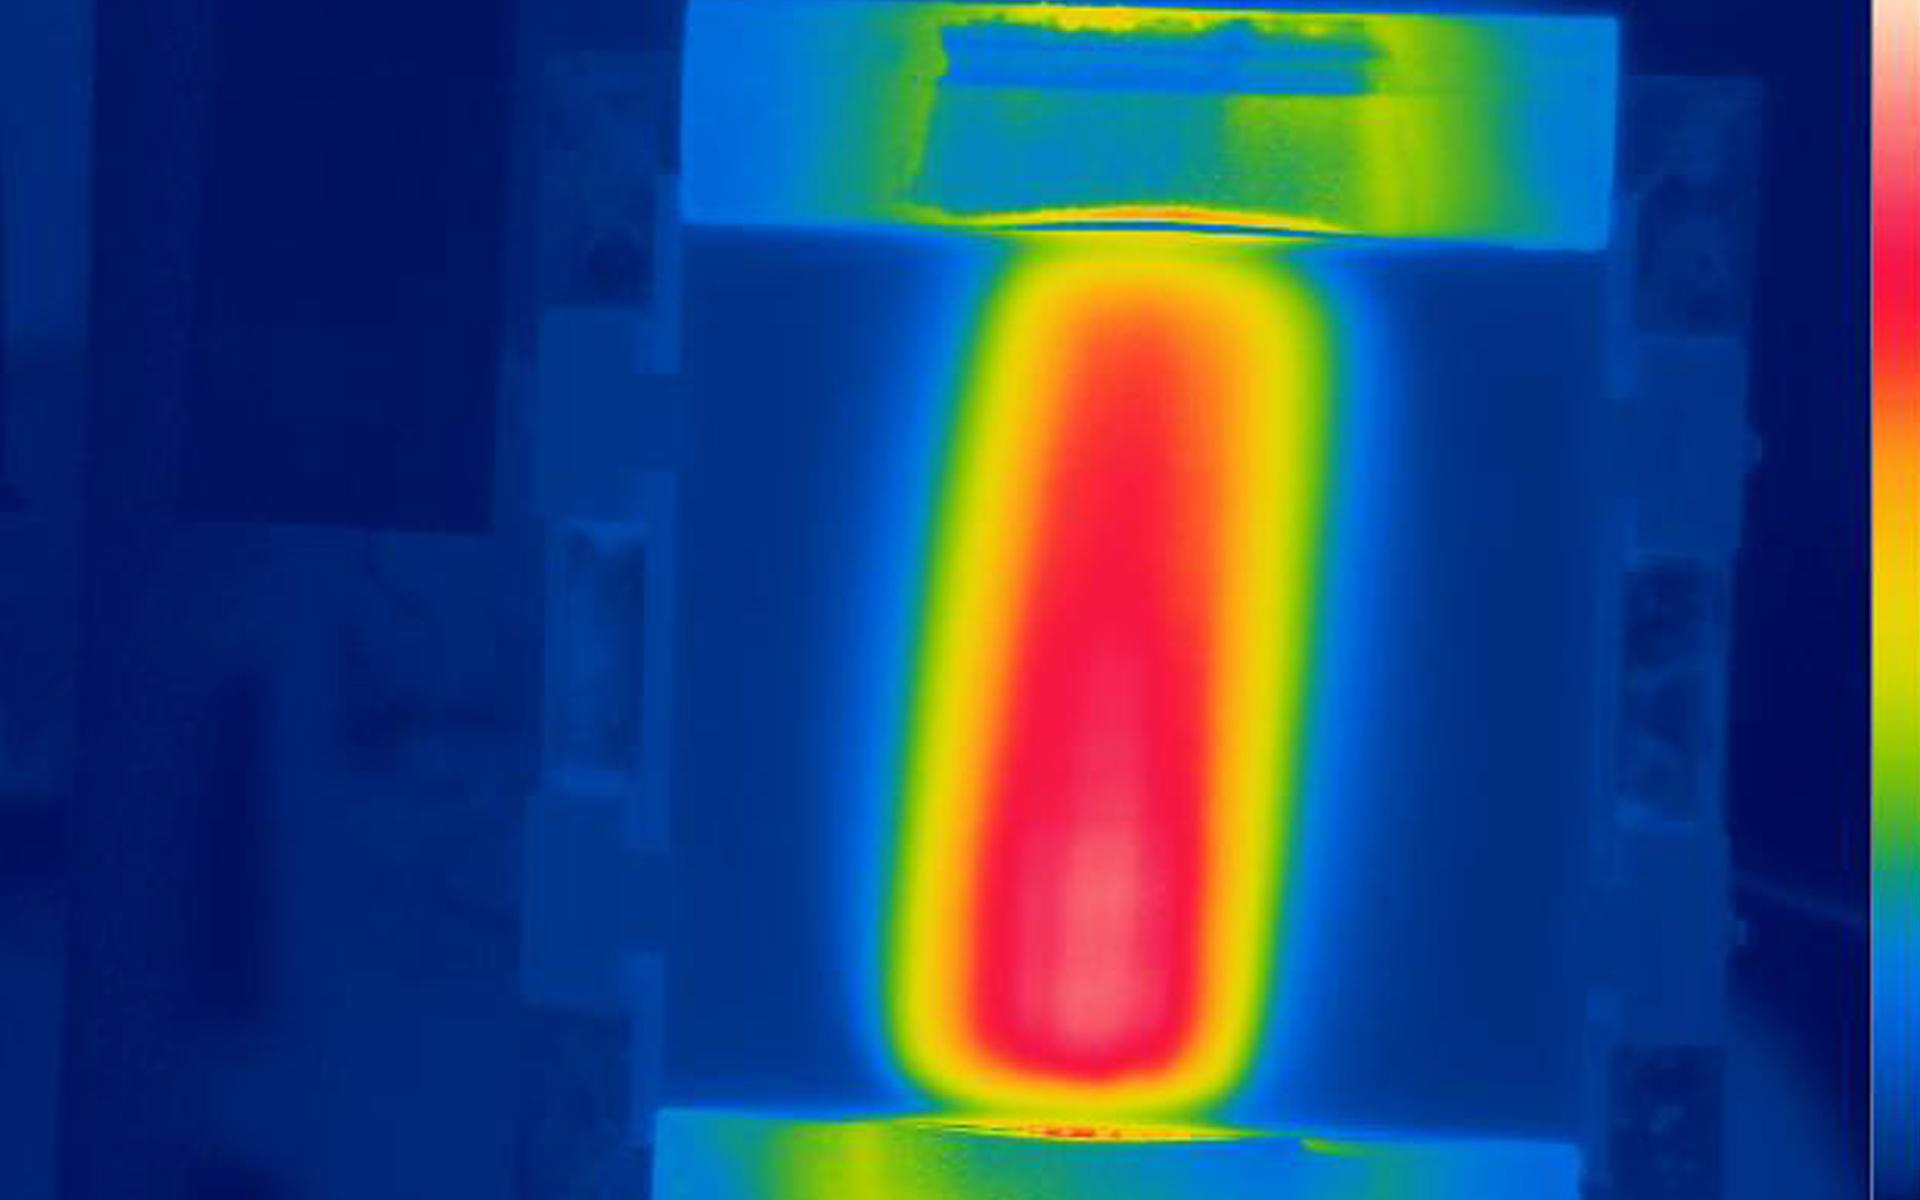 Wärmebildaufnahme beim Polieren. Die Temperatur ist ein Schlüsselfaktor für stabile Polierverfahren.